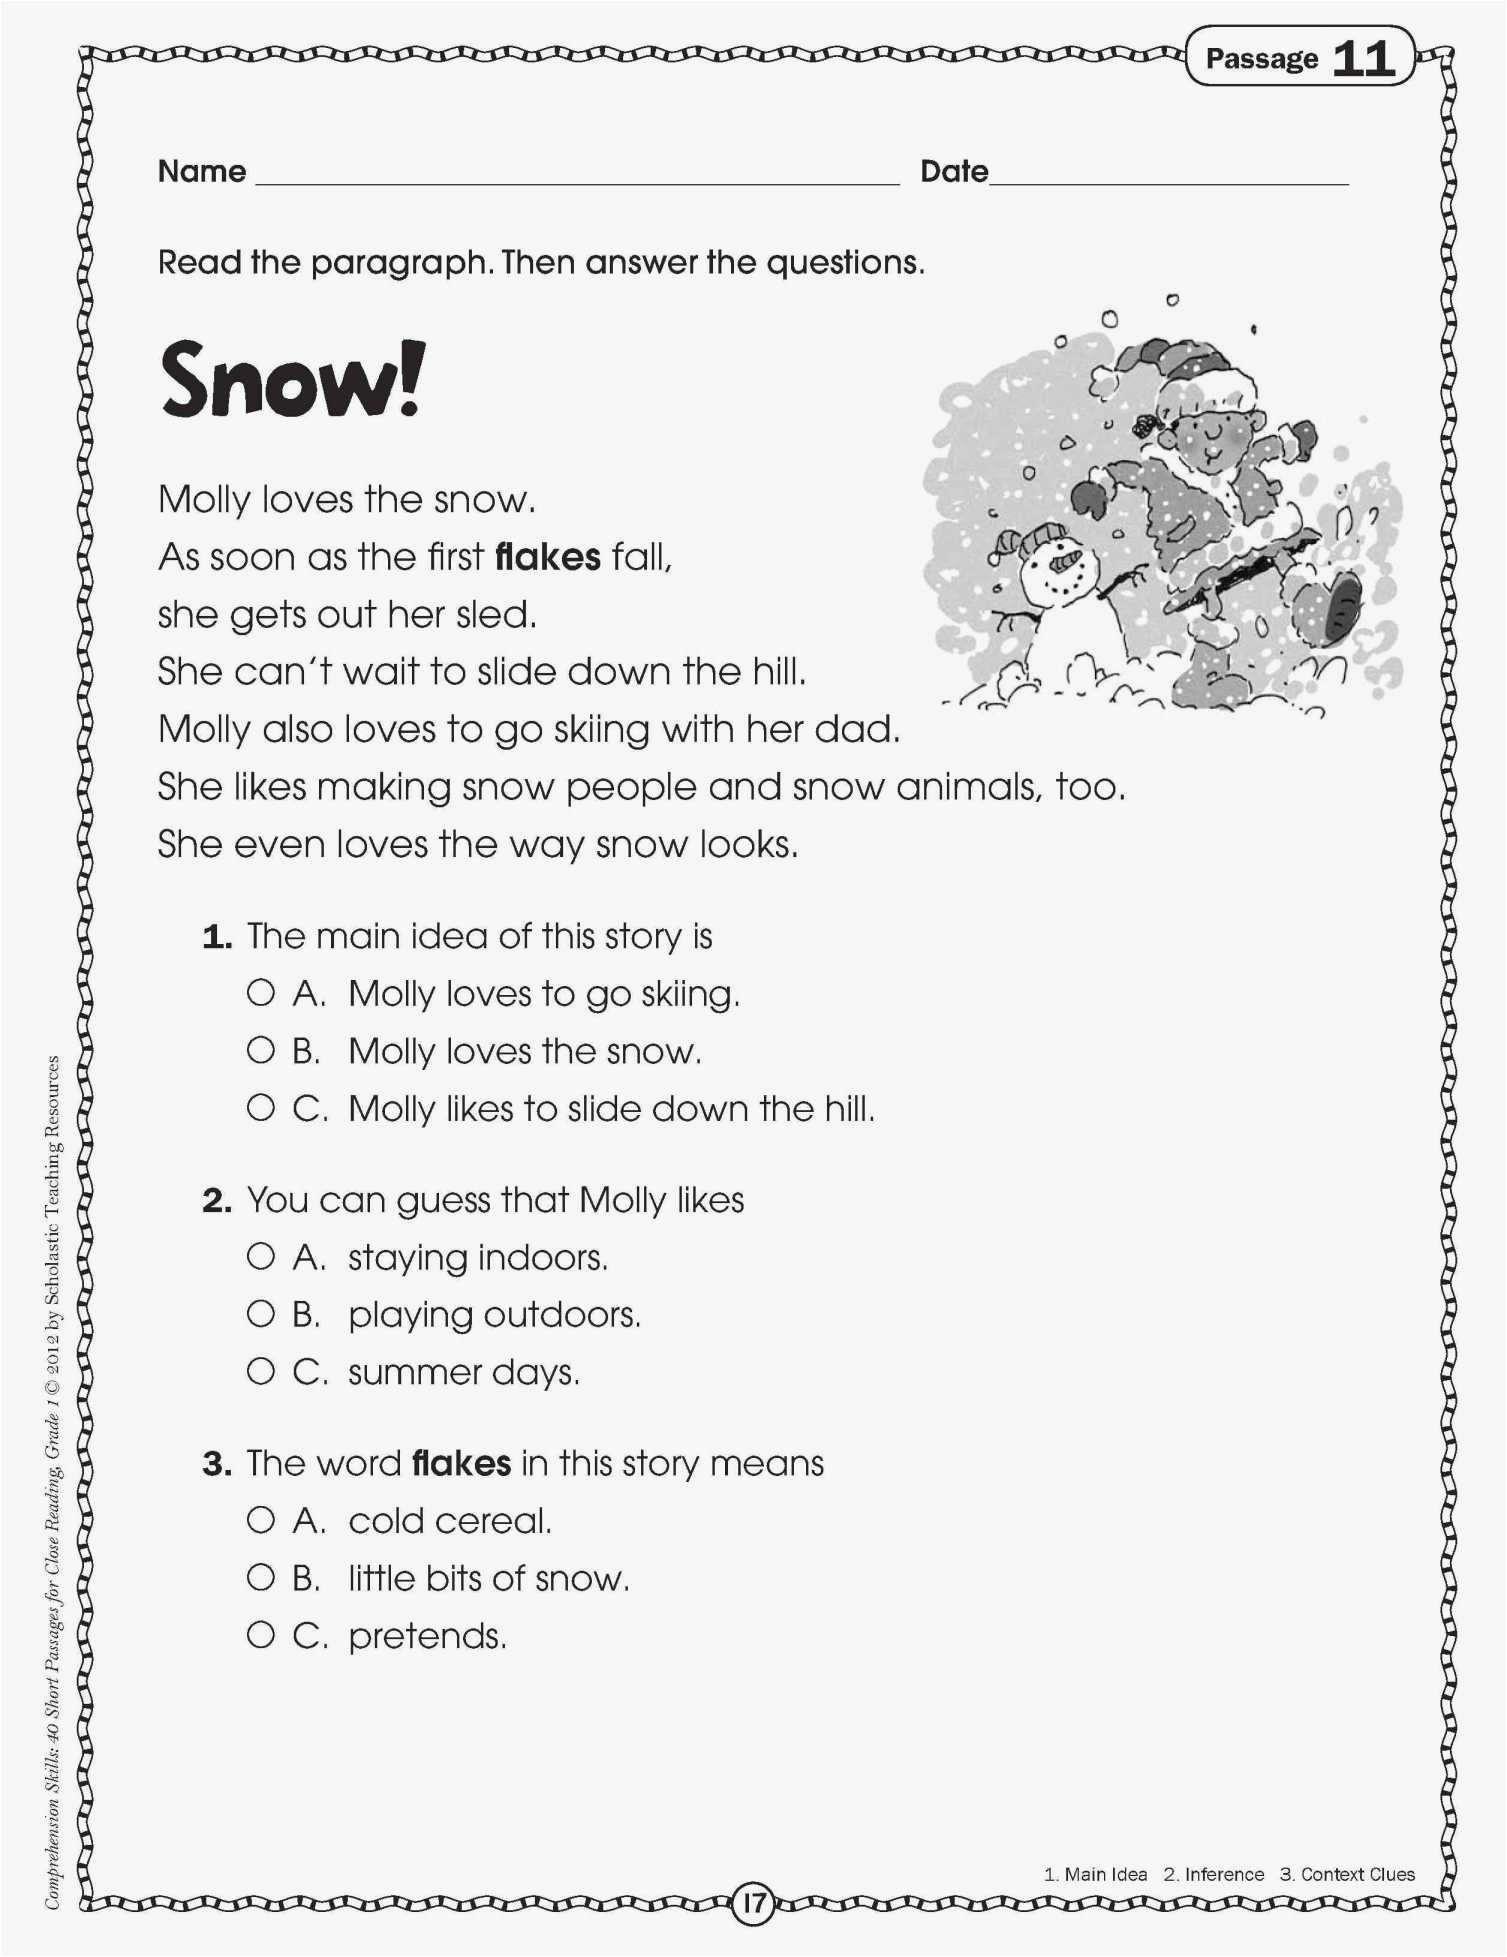 1St Grade Language Arts Worksheets - Math Worksheet For Kids - Free Reading Printables For 1St Grade